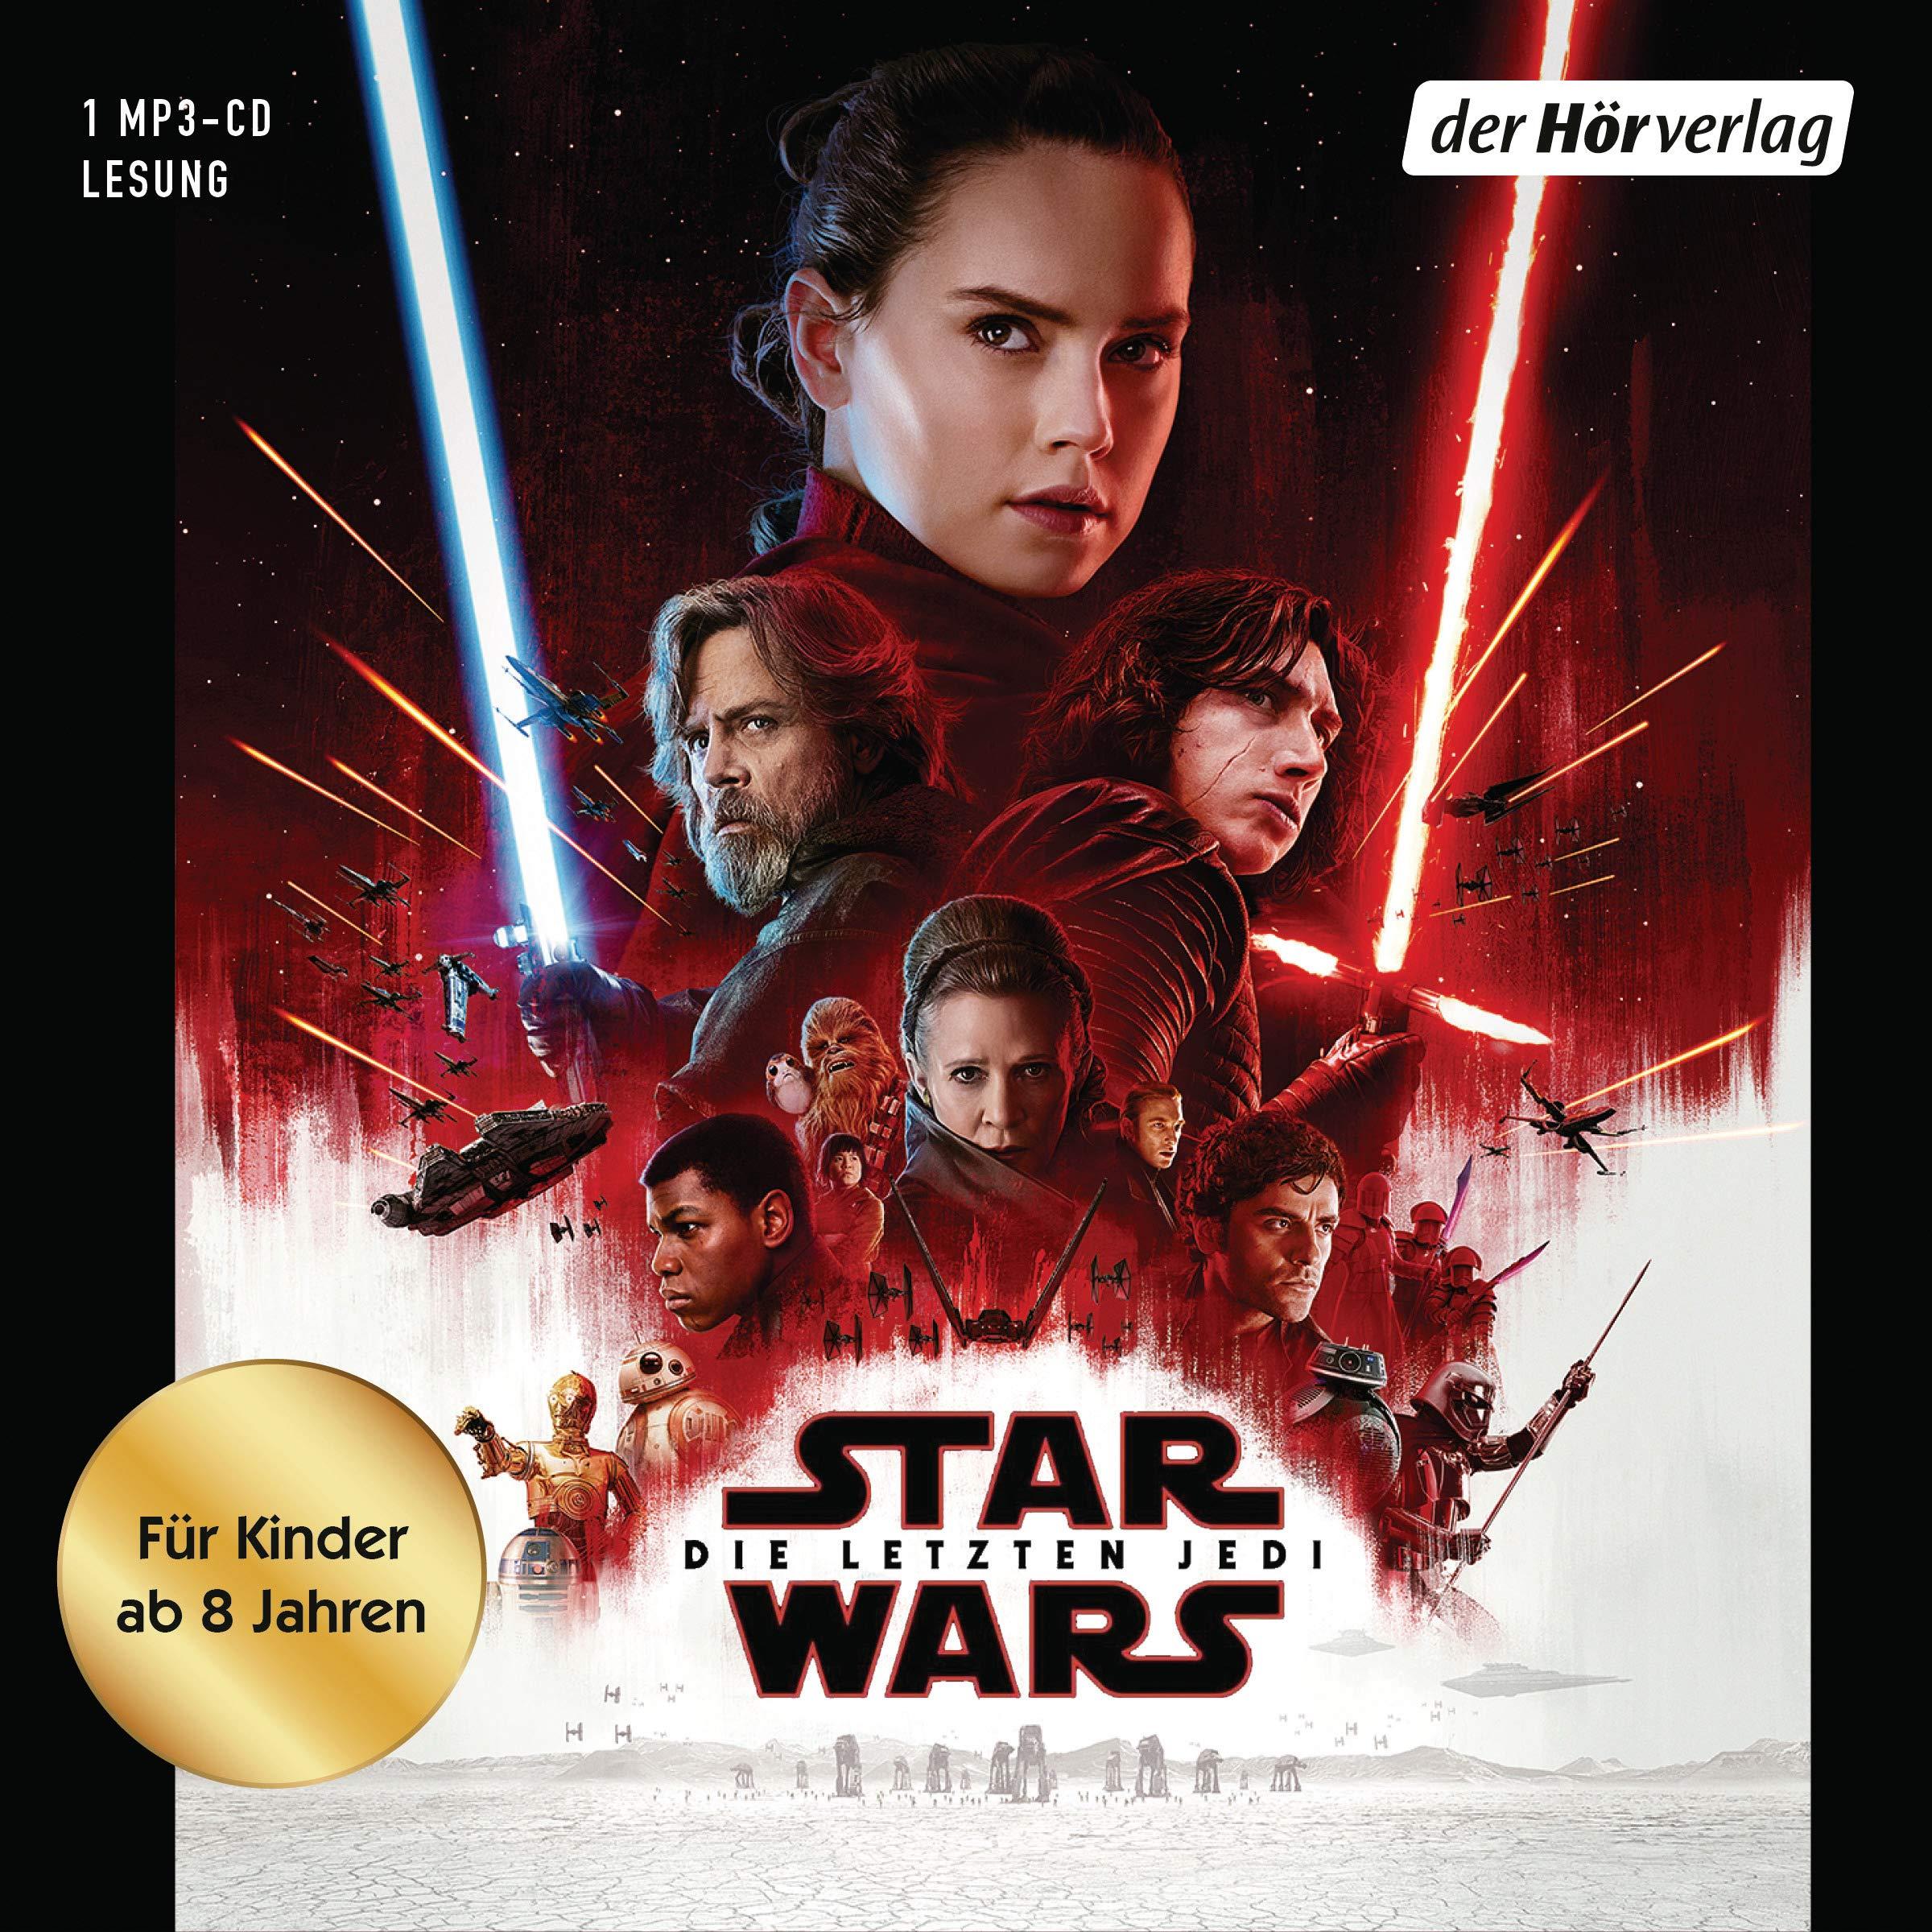 Star Wars: Die letzten Jedi: (Episode VIII) Hörkassette – Gekürzte Ausgabe, Audiobook, MP3 Audio Michael Kogge Alexander Doering Andreas Kasprzak der Hörverlag